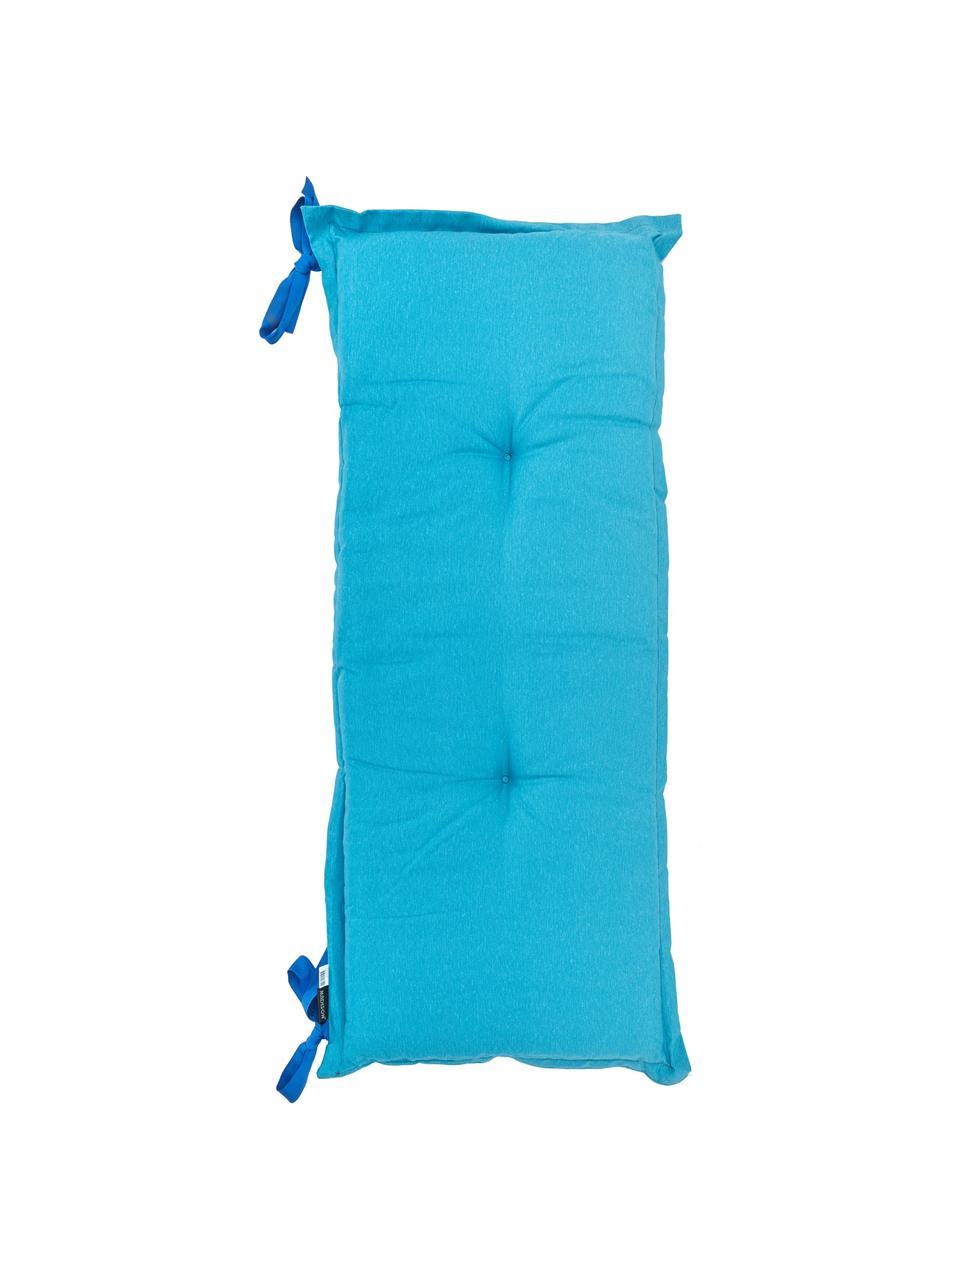 Poduszka na ławkę Panama, Tapicerka: 50% bawełna, 45% polieste, Turkusowy, S 48 x D 120 cm